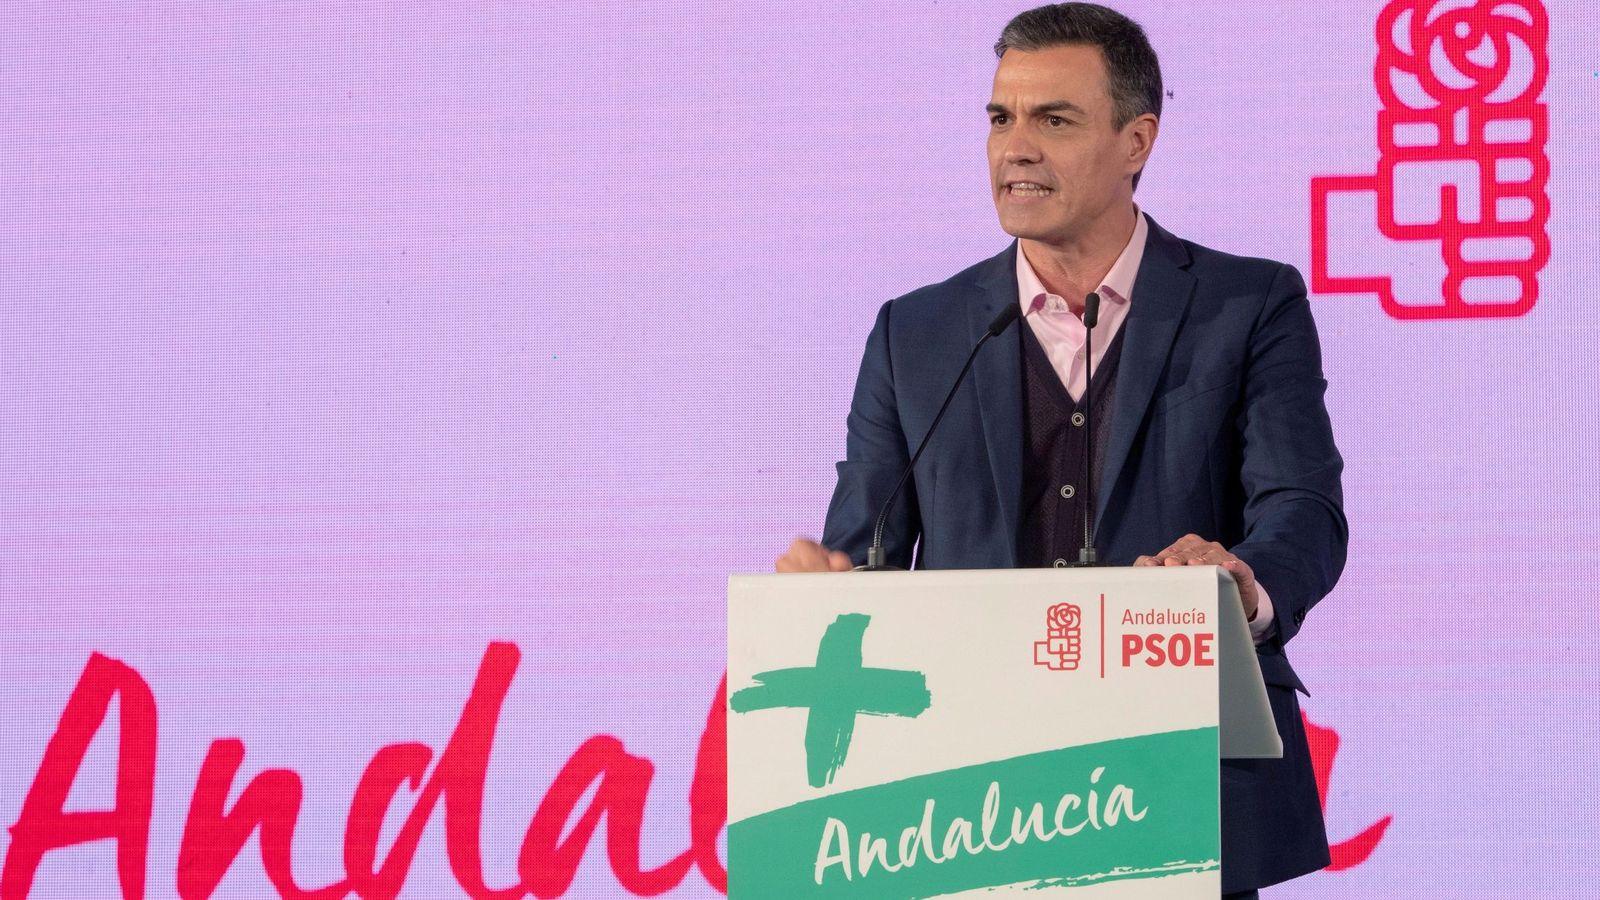 Foto: Pedro sánchez en acto de campaña en Chiclana